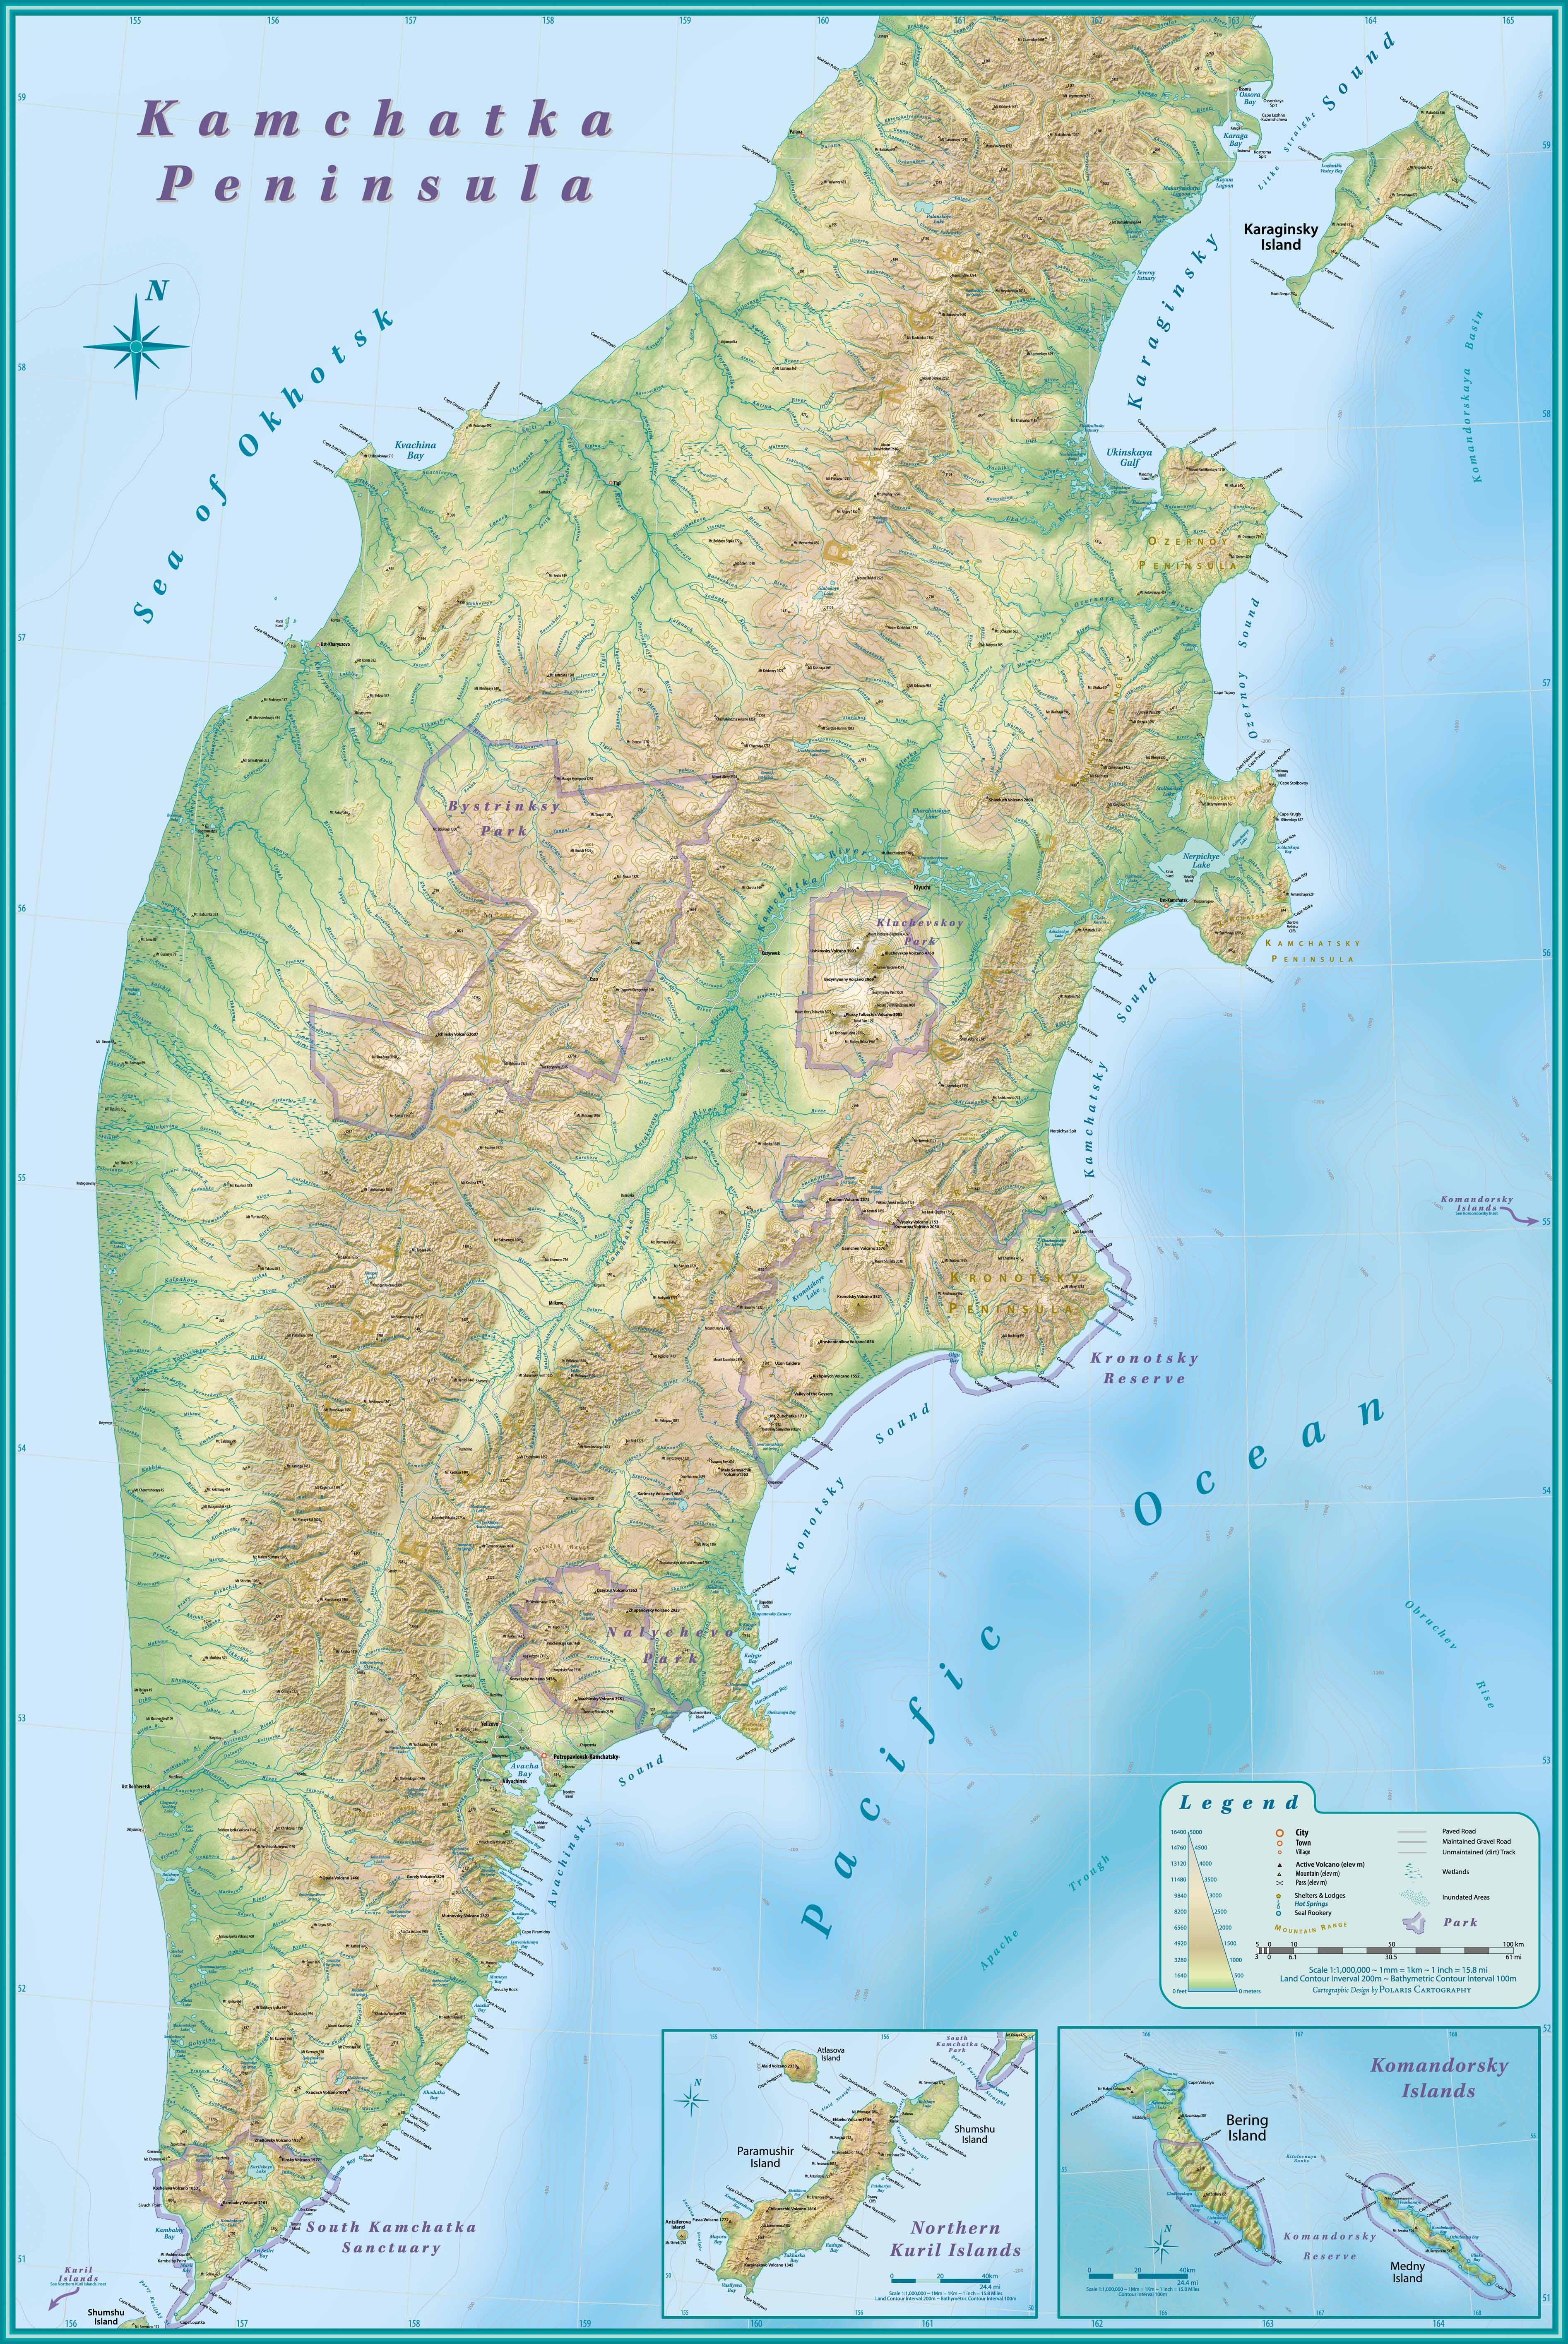 Kamchatka Peninsula map - Kamchatka russia • mappery on petropavlovsk russia map, chukchi peninsula russia map, karakum desert russia map, tuva russia map, sarajevo russia map, tallinn russia map, hawaii russia map, ussr map vs russia map, moscow russia map, siberia map, active volcanoes in russia map, iceland russia map, kola peninsula russia map, nyagan russia map, stavropol russia map, kalmykia russia map, sakhalin russia map, vilnius russia map, sakha russia map, eastern russia map,